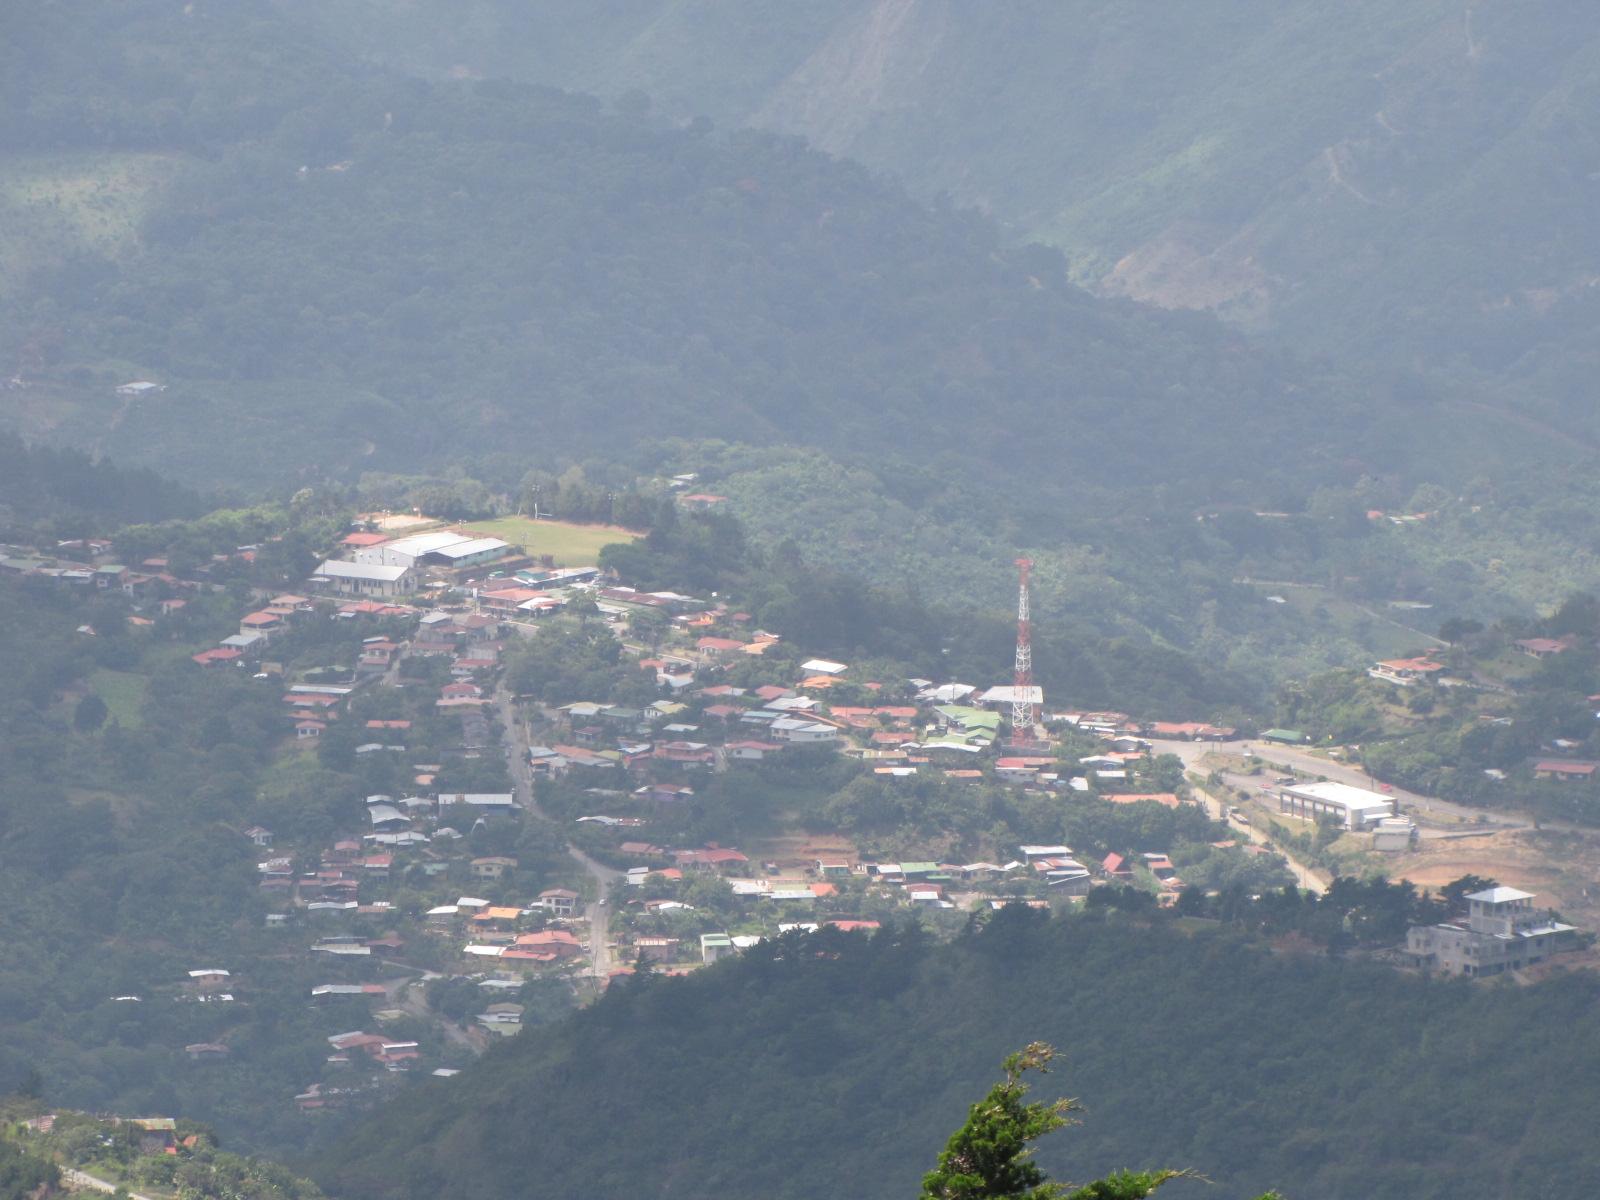 Vista de Jorco02